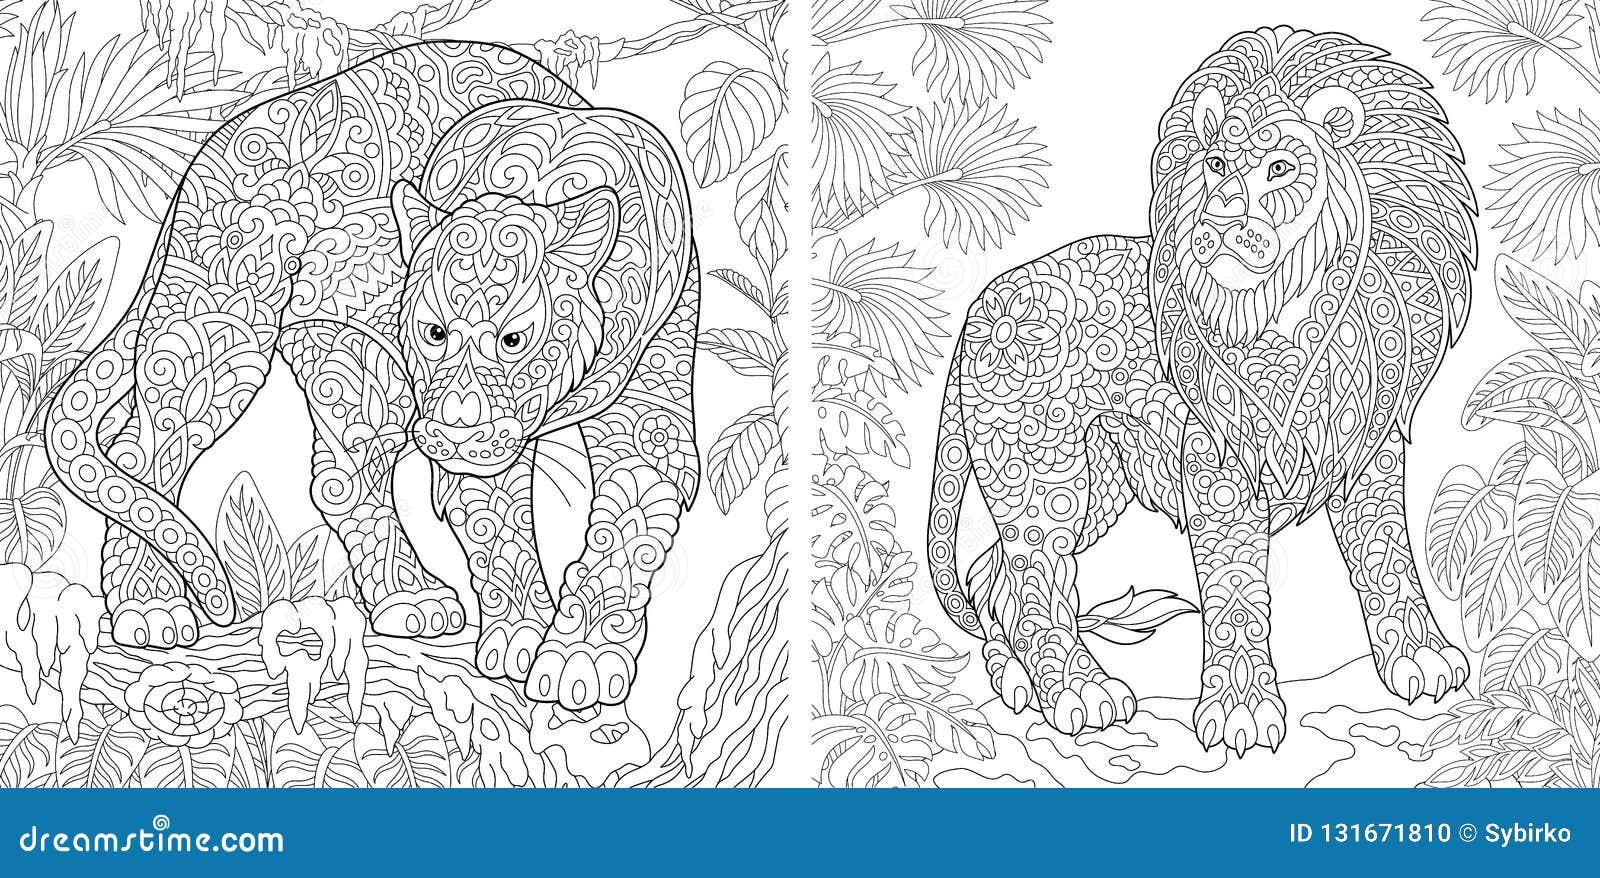 Páginas da coloração Livro para colorir para adultos Imagens colorindo com pantera e leão Desenho de esboço a mão livre Antistres